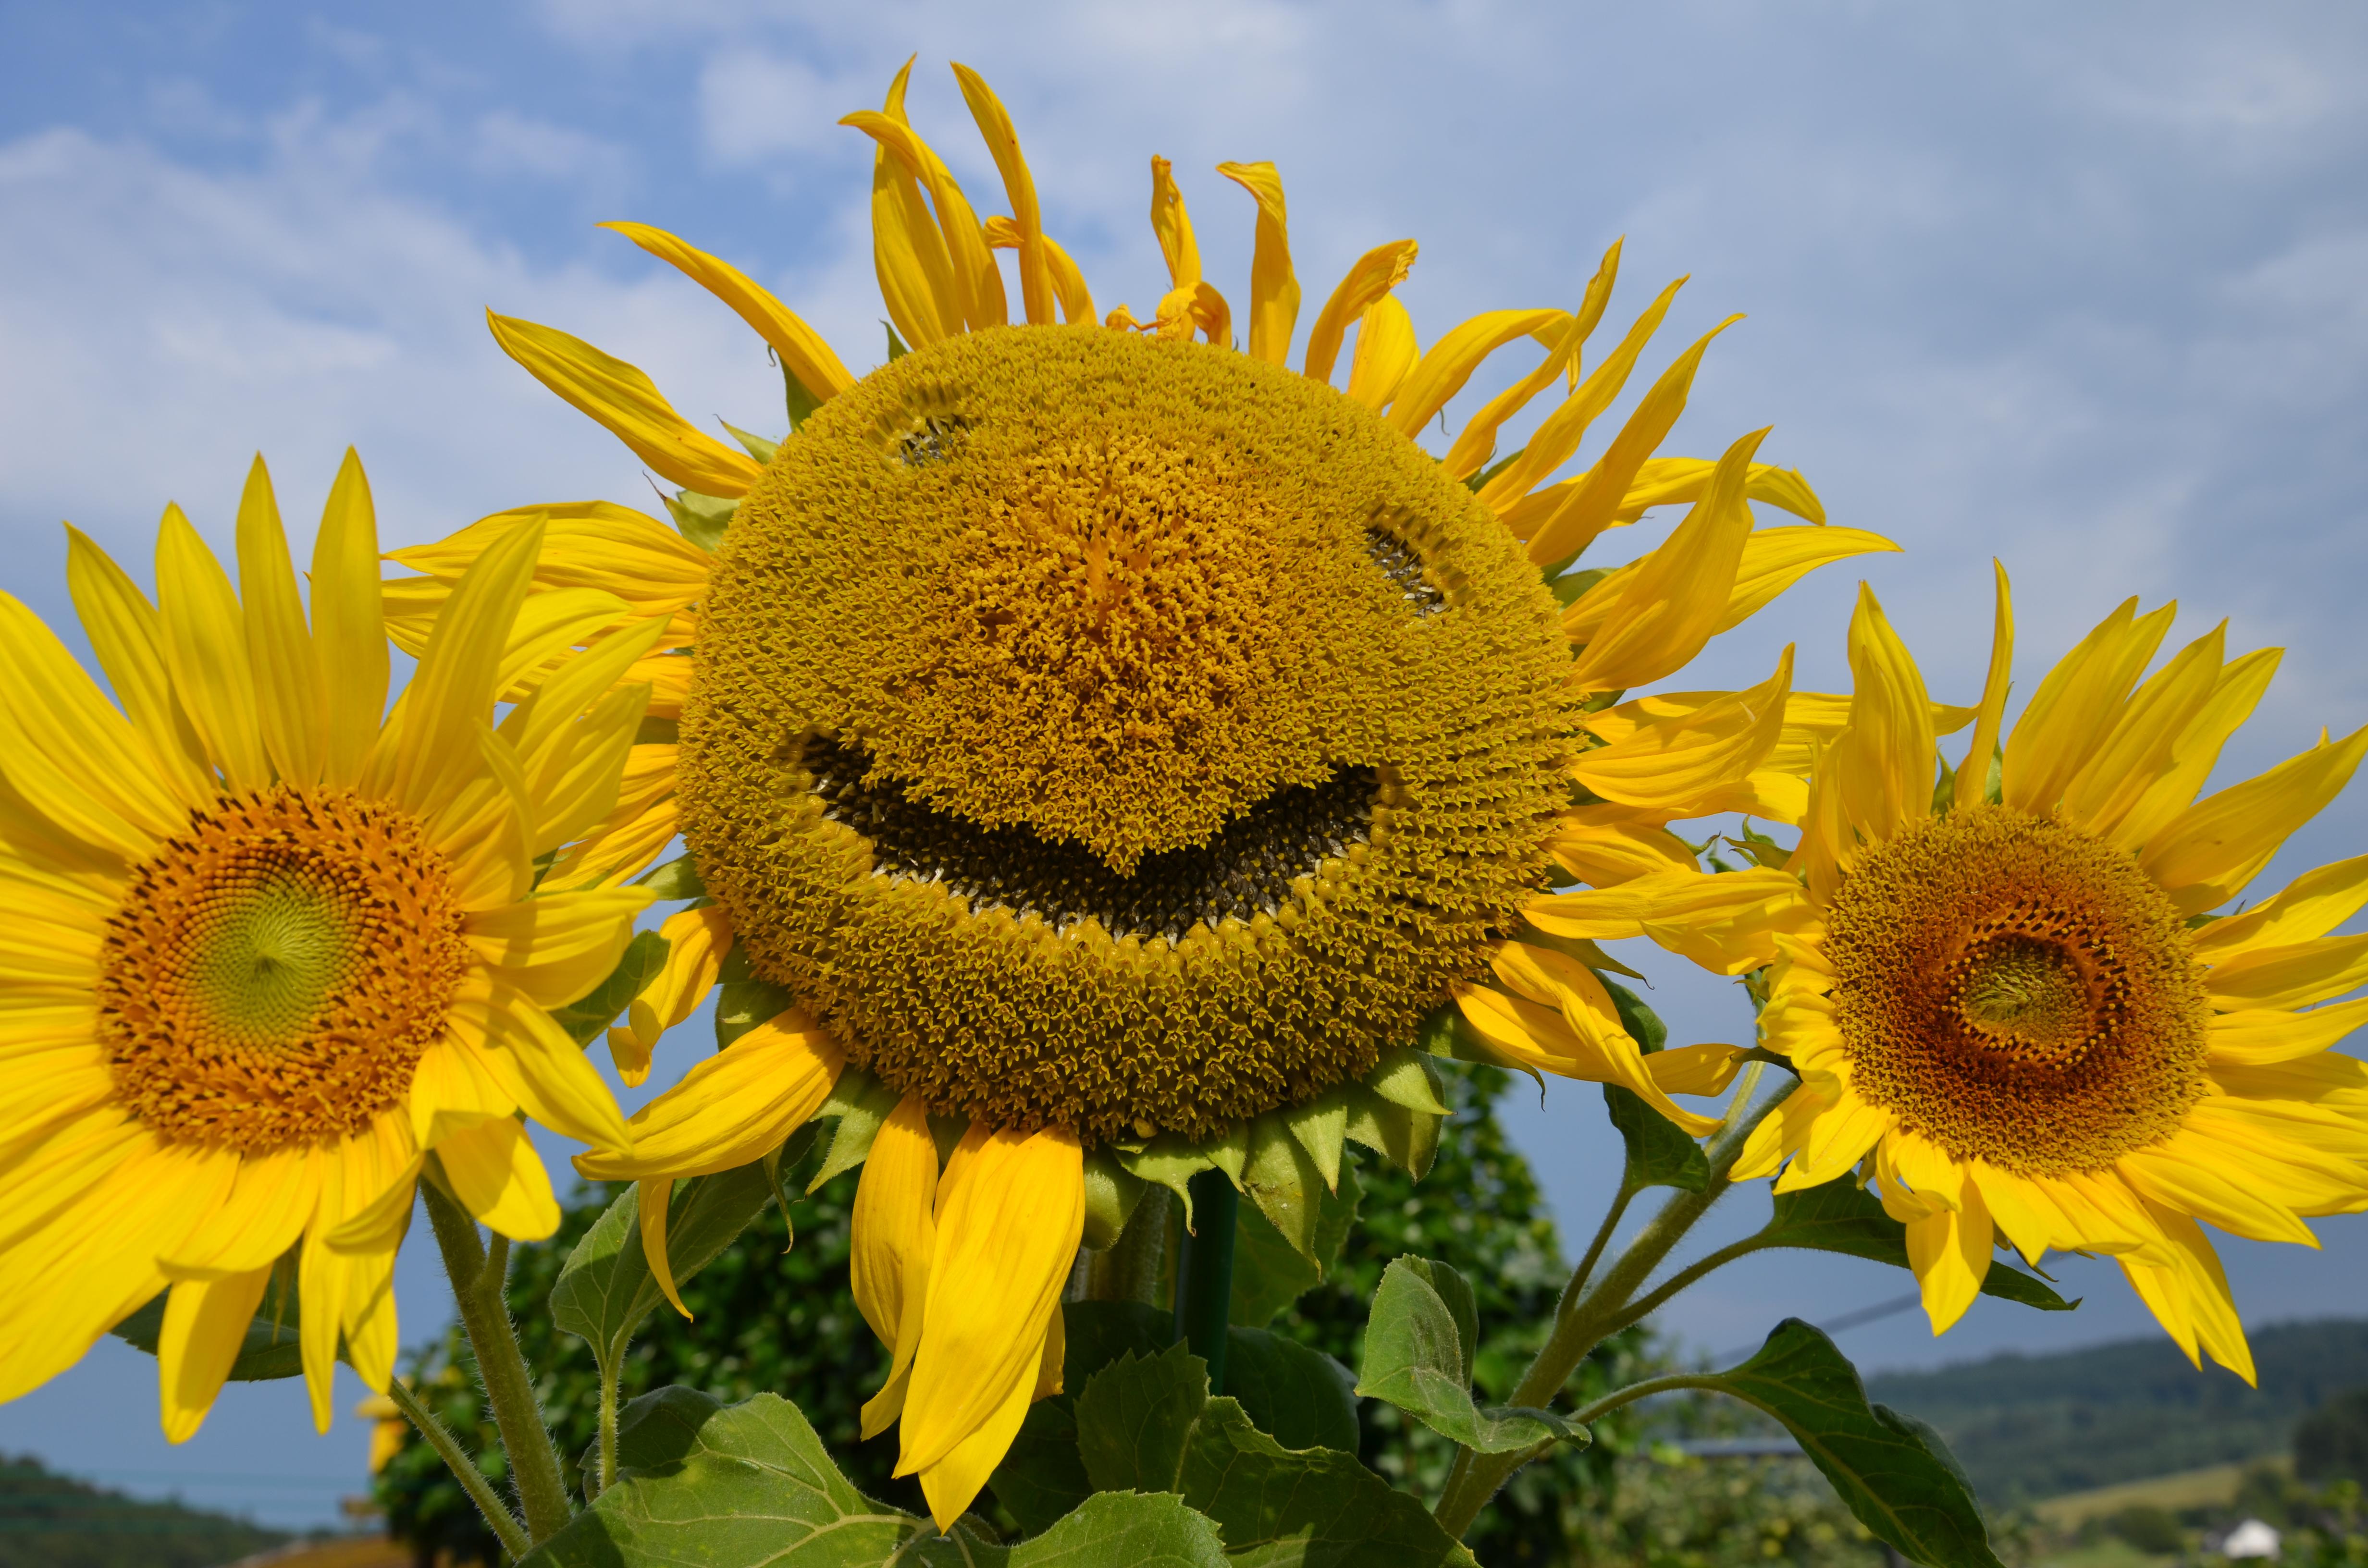 """Eine Sonnenblume """"lacht"""" im Blumengarten von Elke Bruch."""